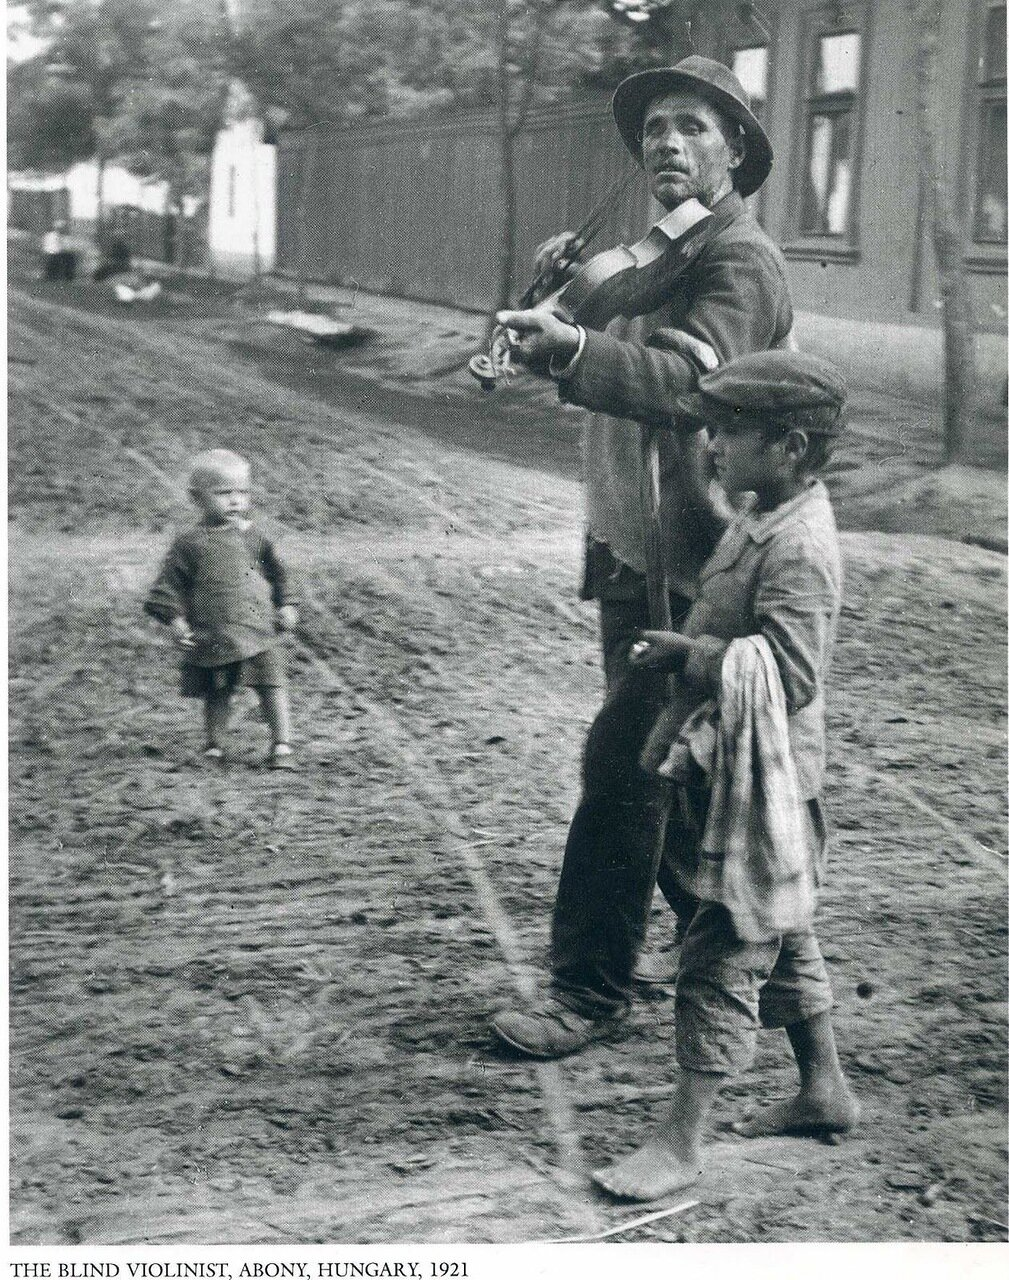 Слепой скрипач. Абонь, Венгрия, 1921